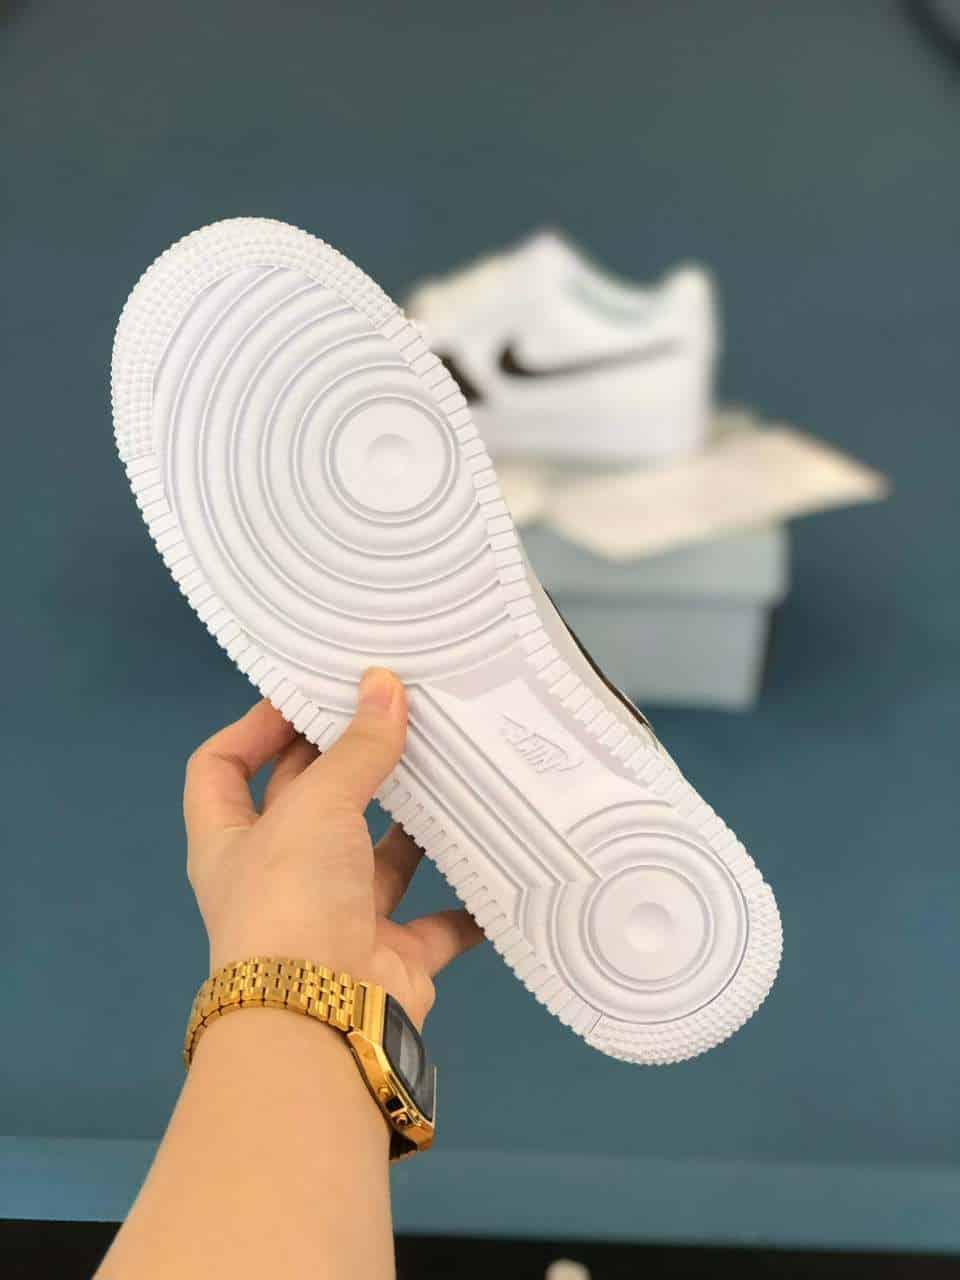 Đế giày làm từ cao su nguyên khối êm ái, có khả năng đàn hồi tốt